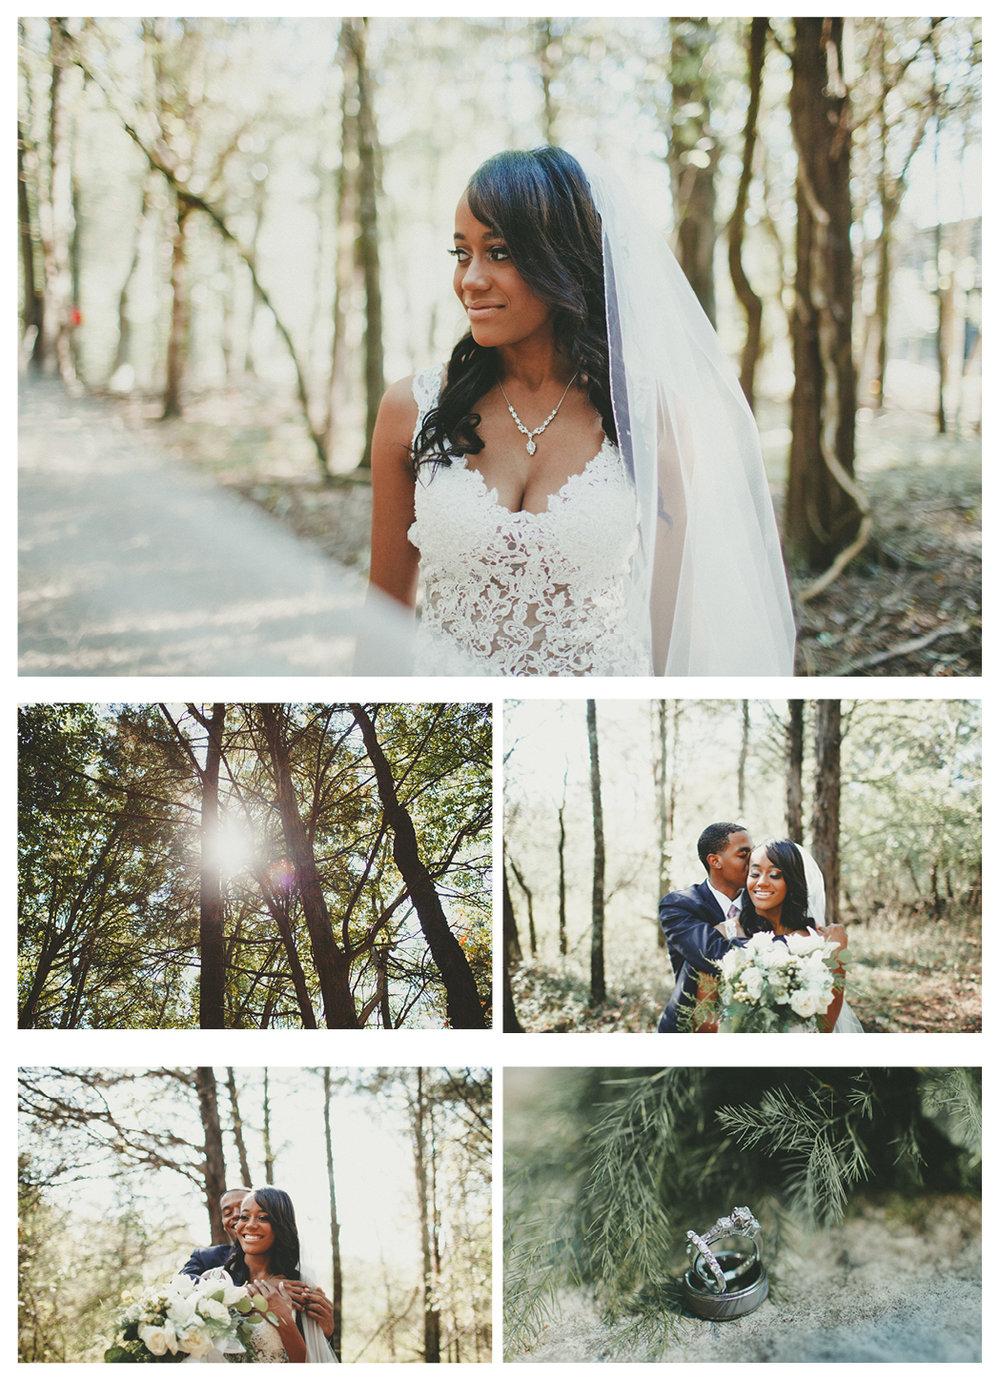 Bride_Groom5.jpg